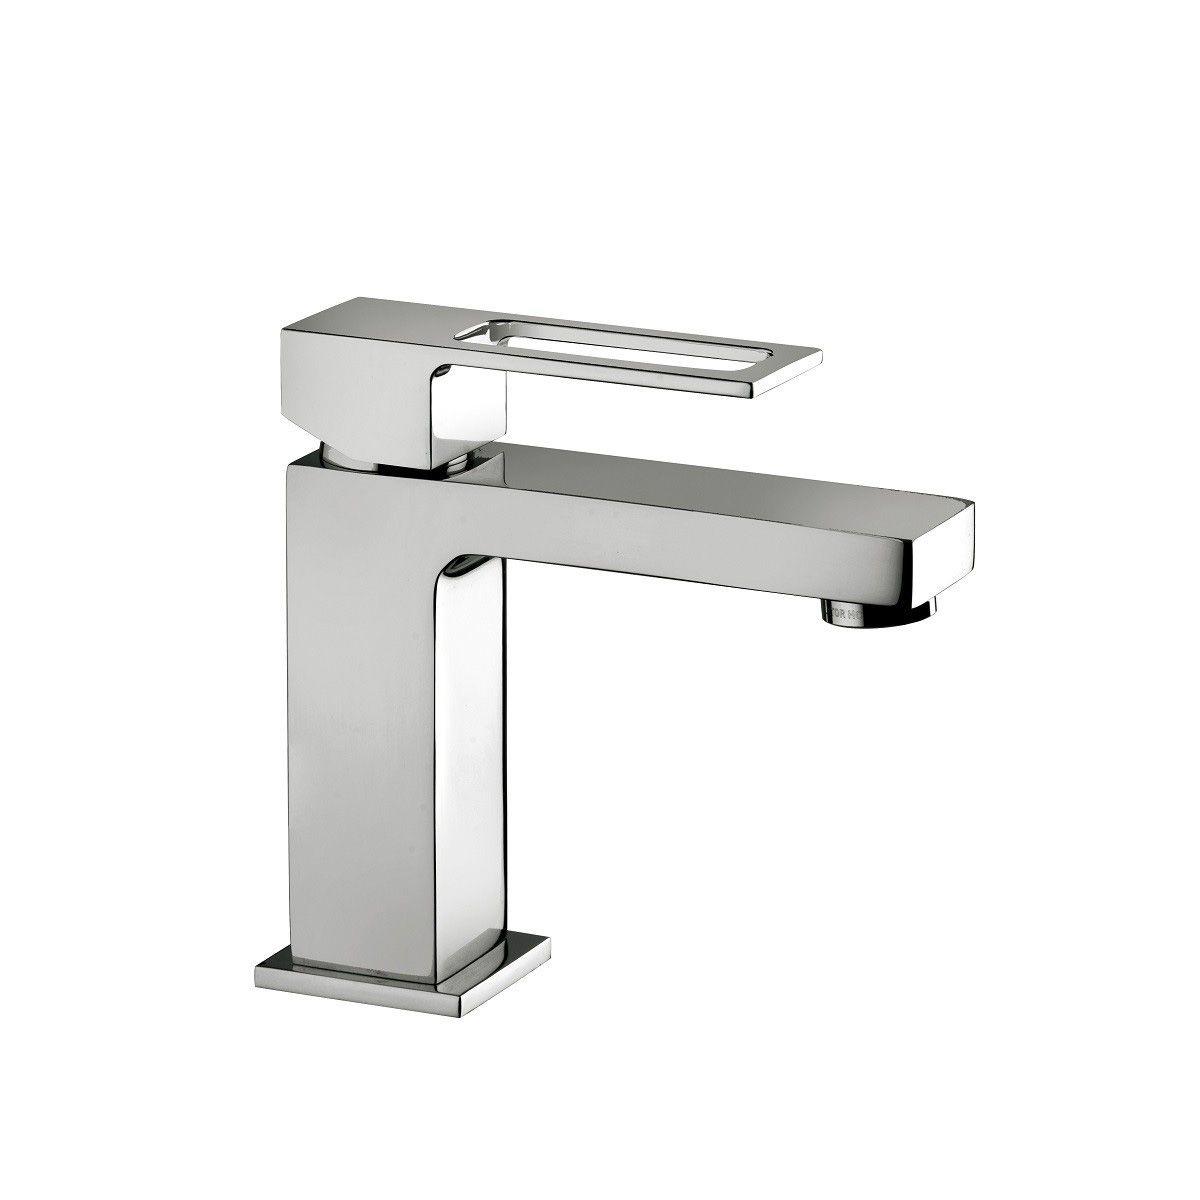 ws bath collections effe ef 071 single lever bathroom faucet